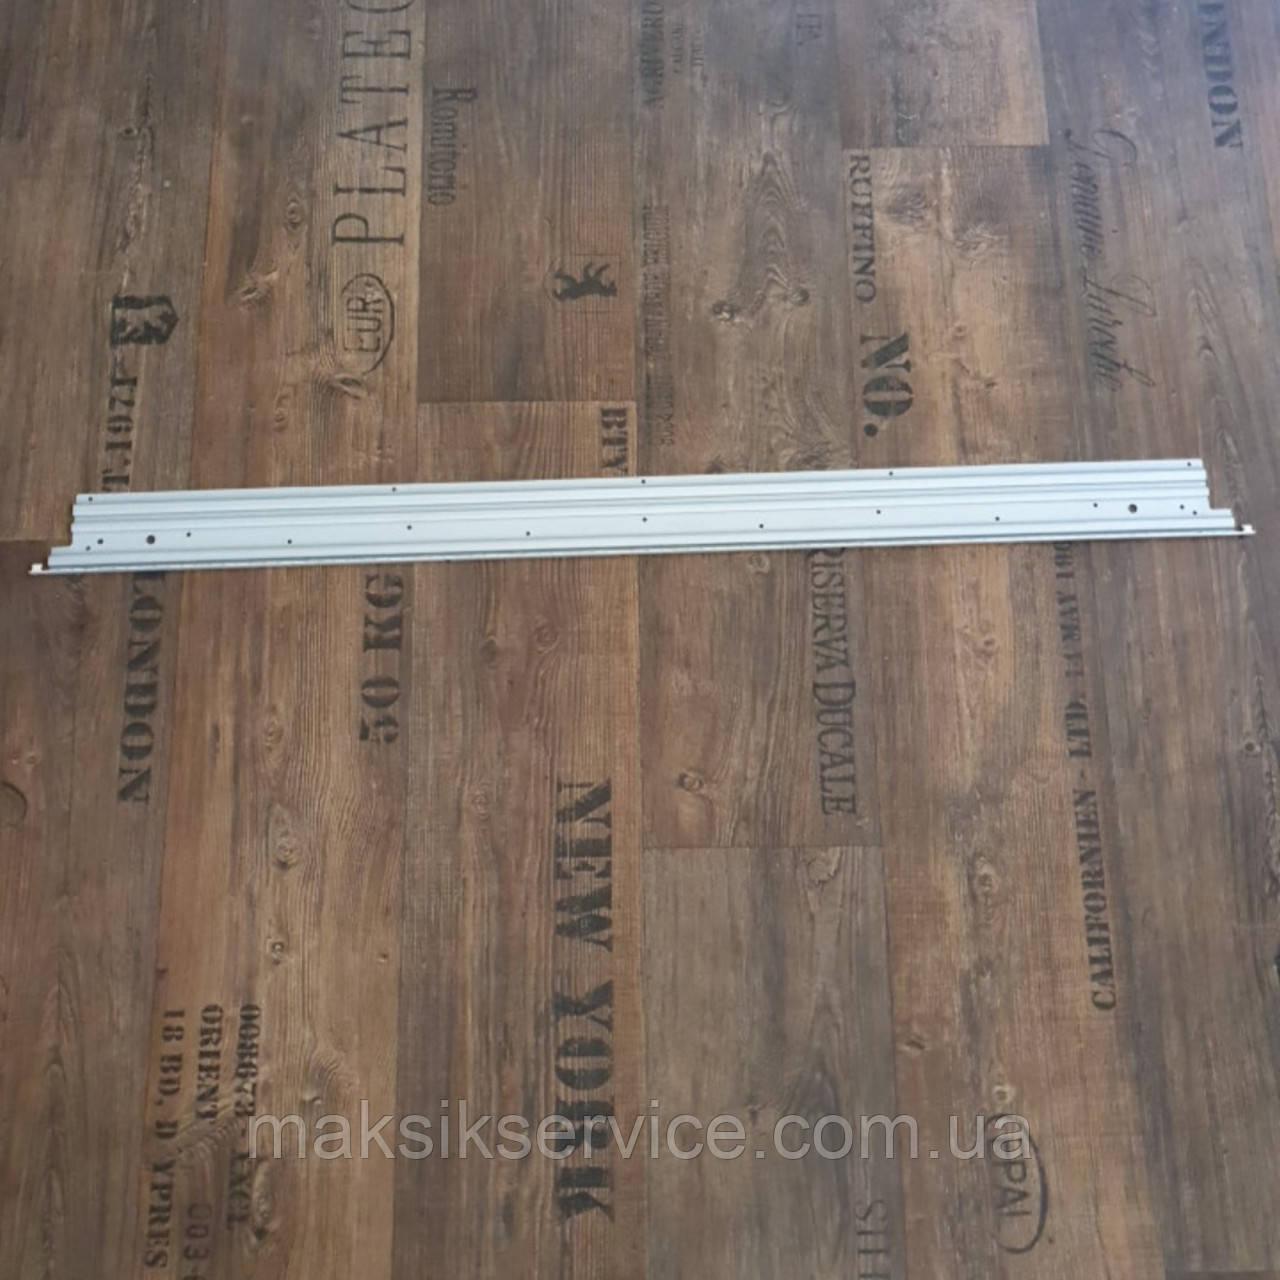 """Подсветка для LG 49 """"V15 ART3 FHD 49SM5KC 6916L2303A 6916L2304A 6922L-0150A LC490EUE"""